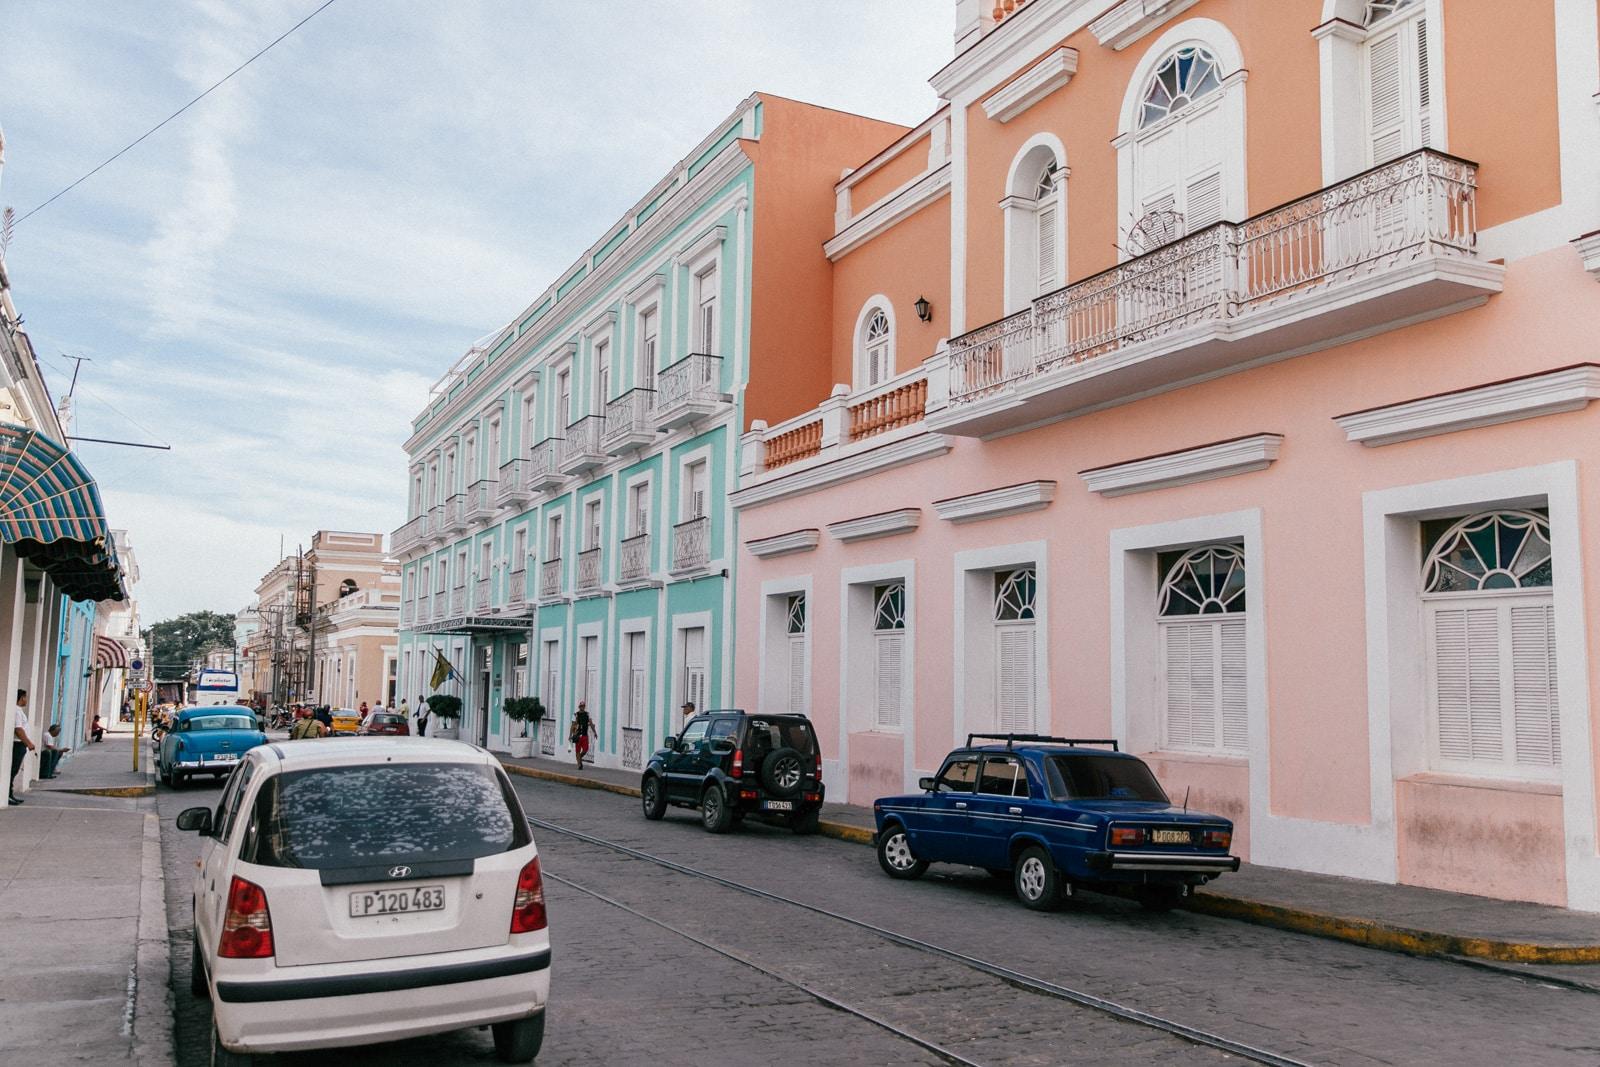 cienfuegos cuba blog voyage